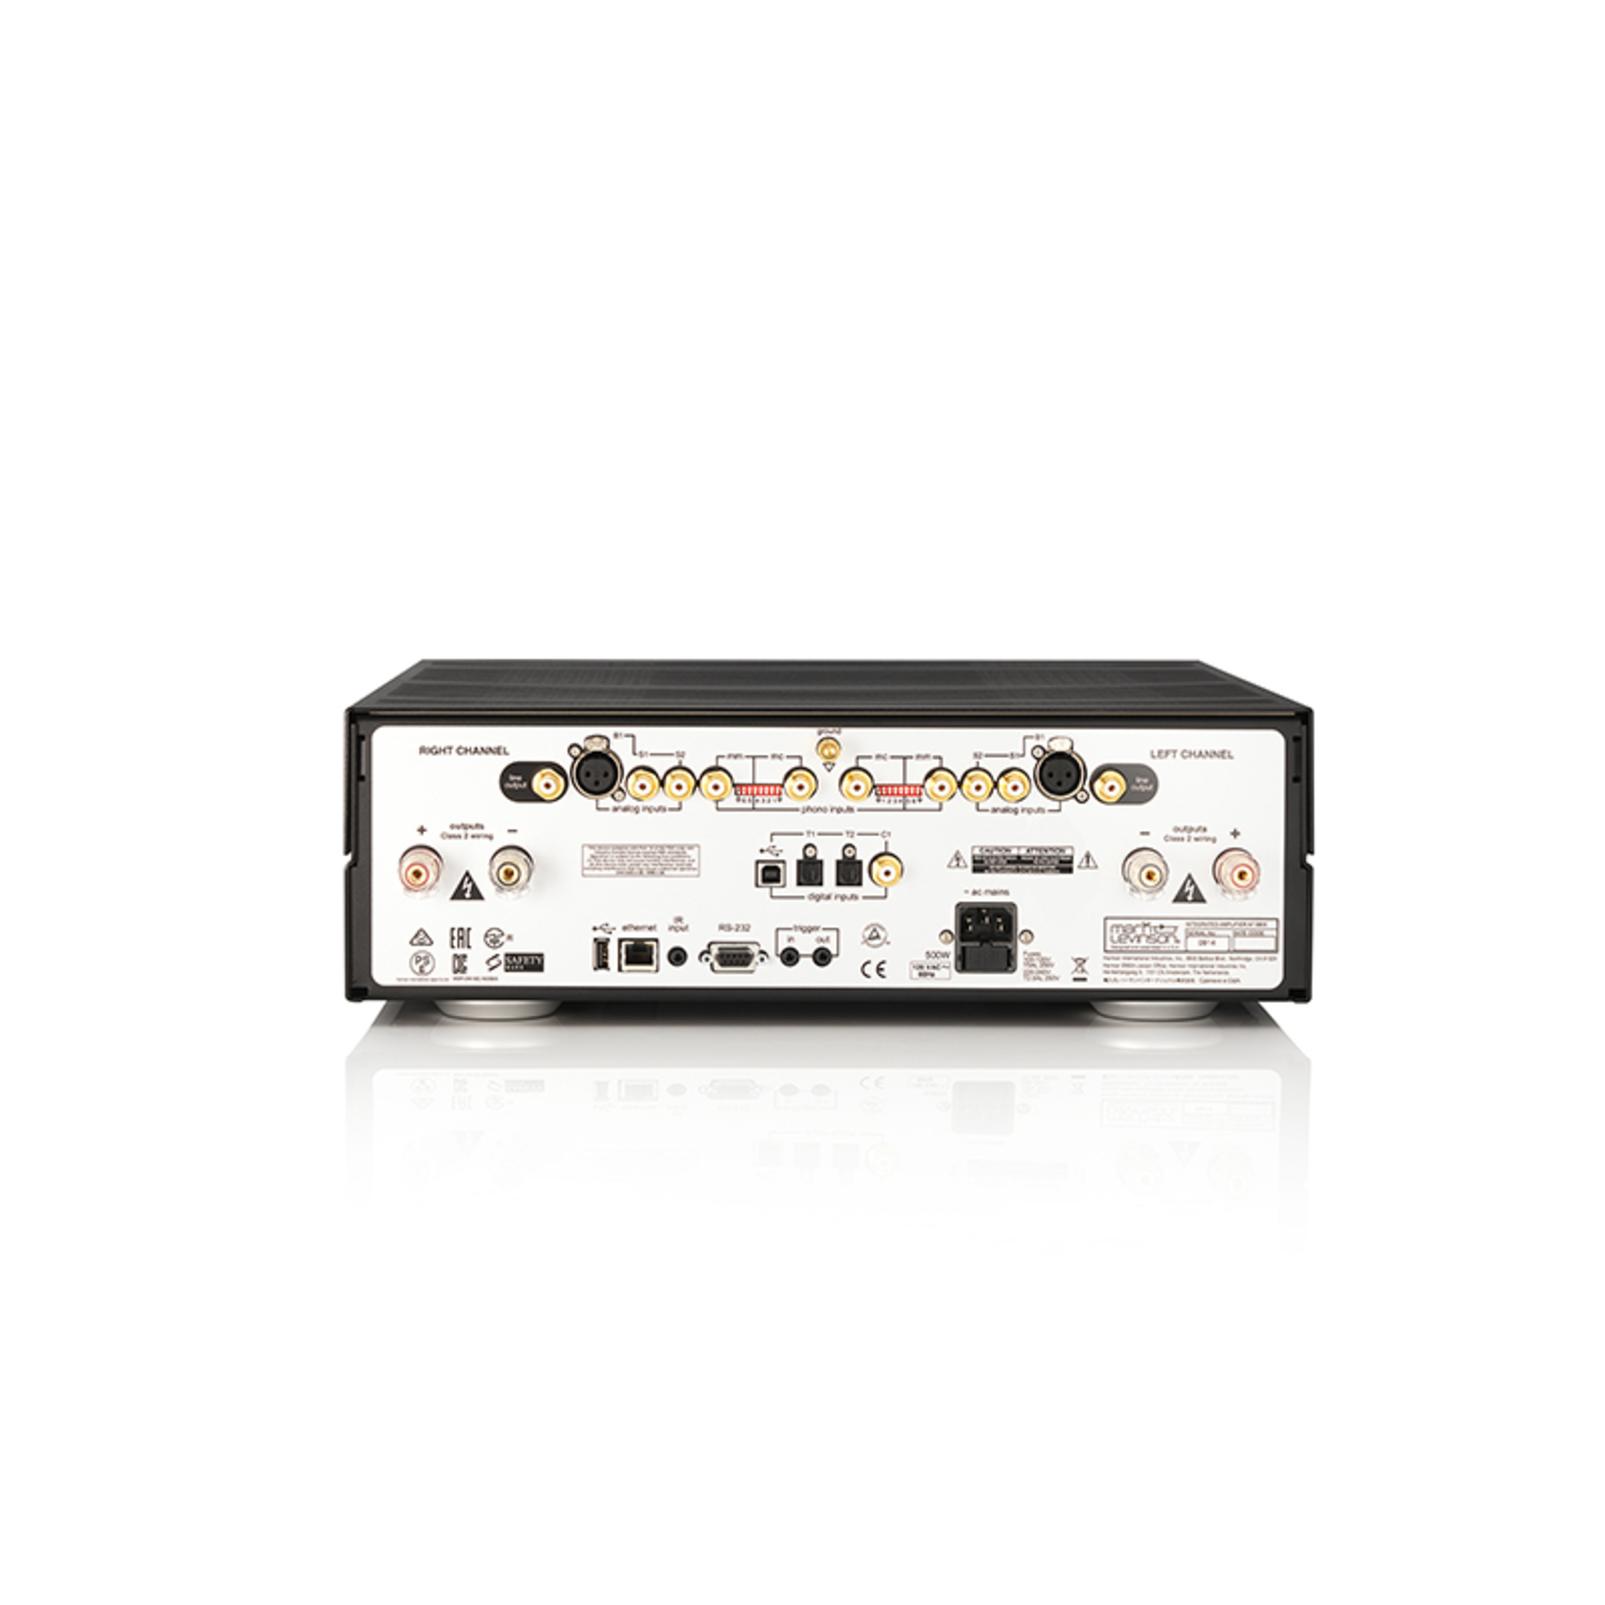 № 5805 - Black / Silver - Integrated Amplifier for Digital and Analog sources - Detailshot 2